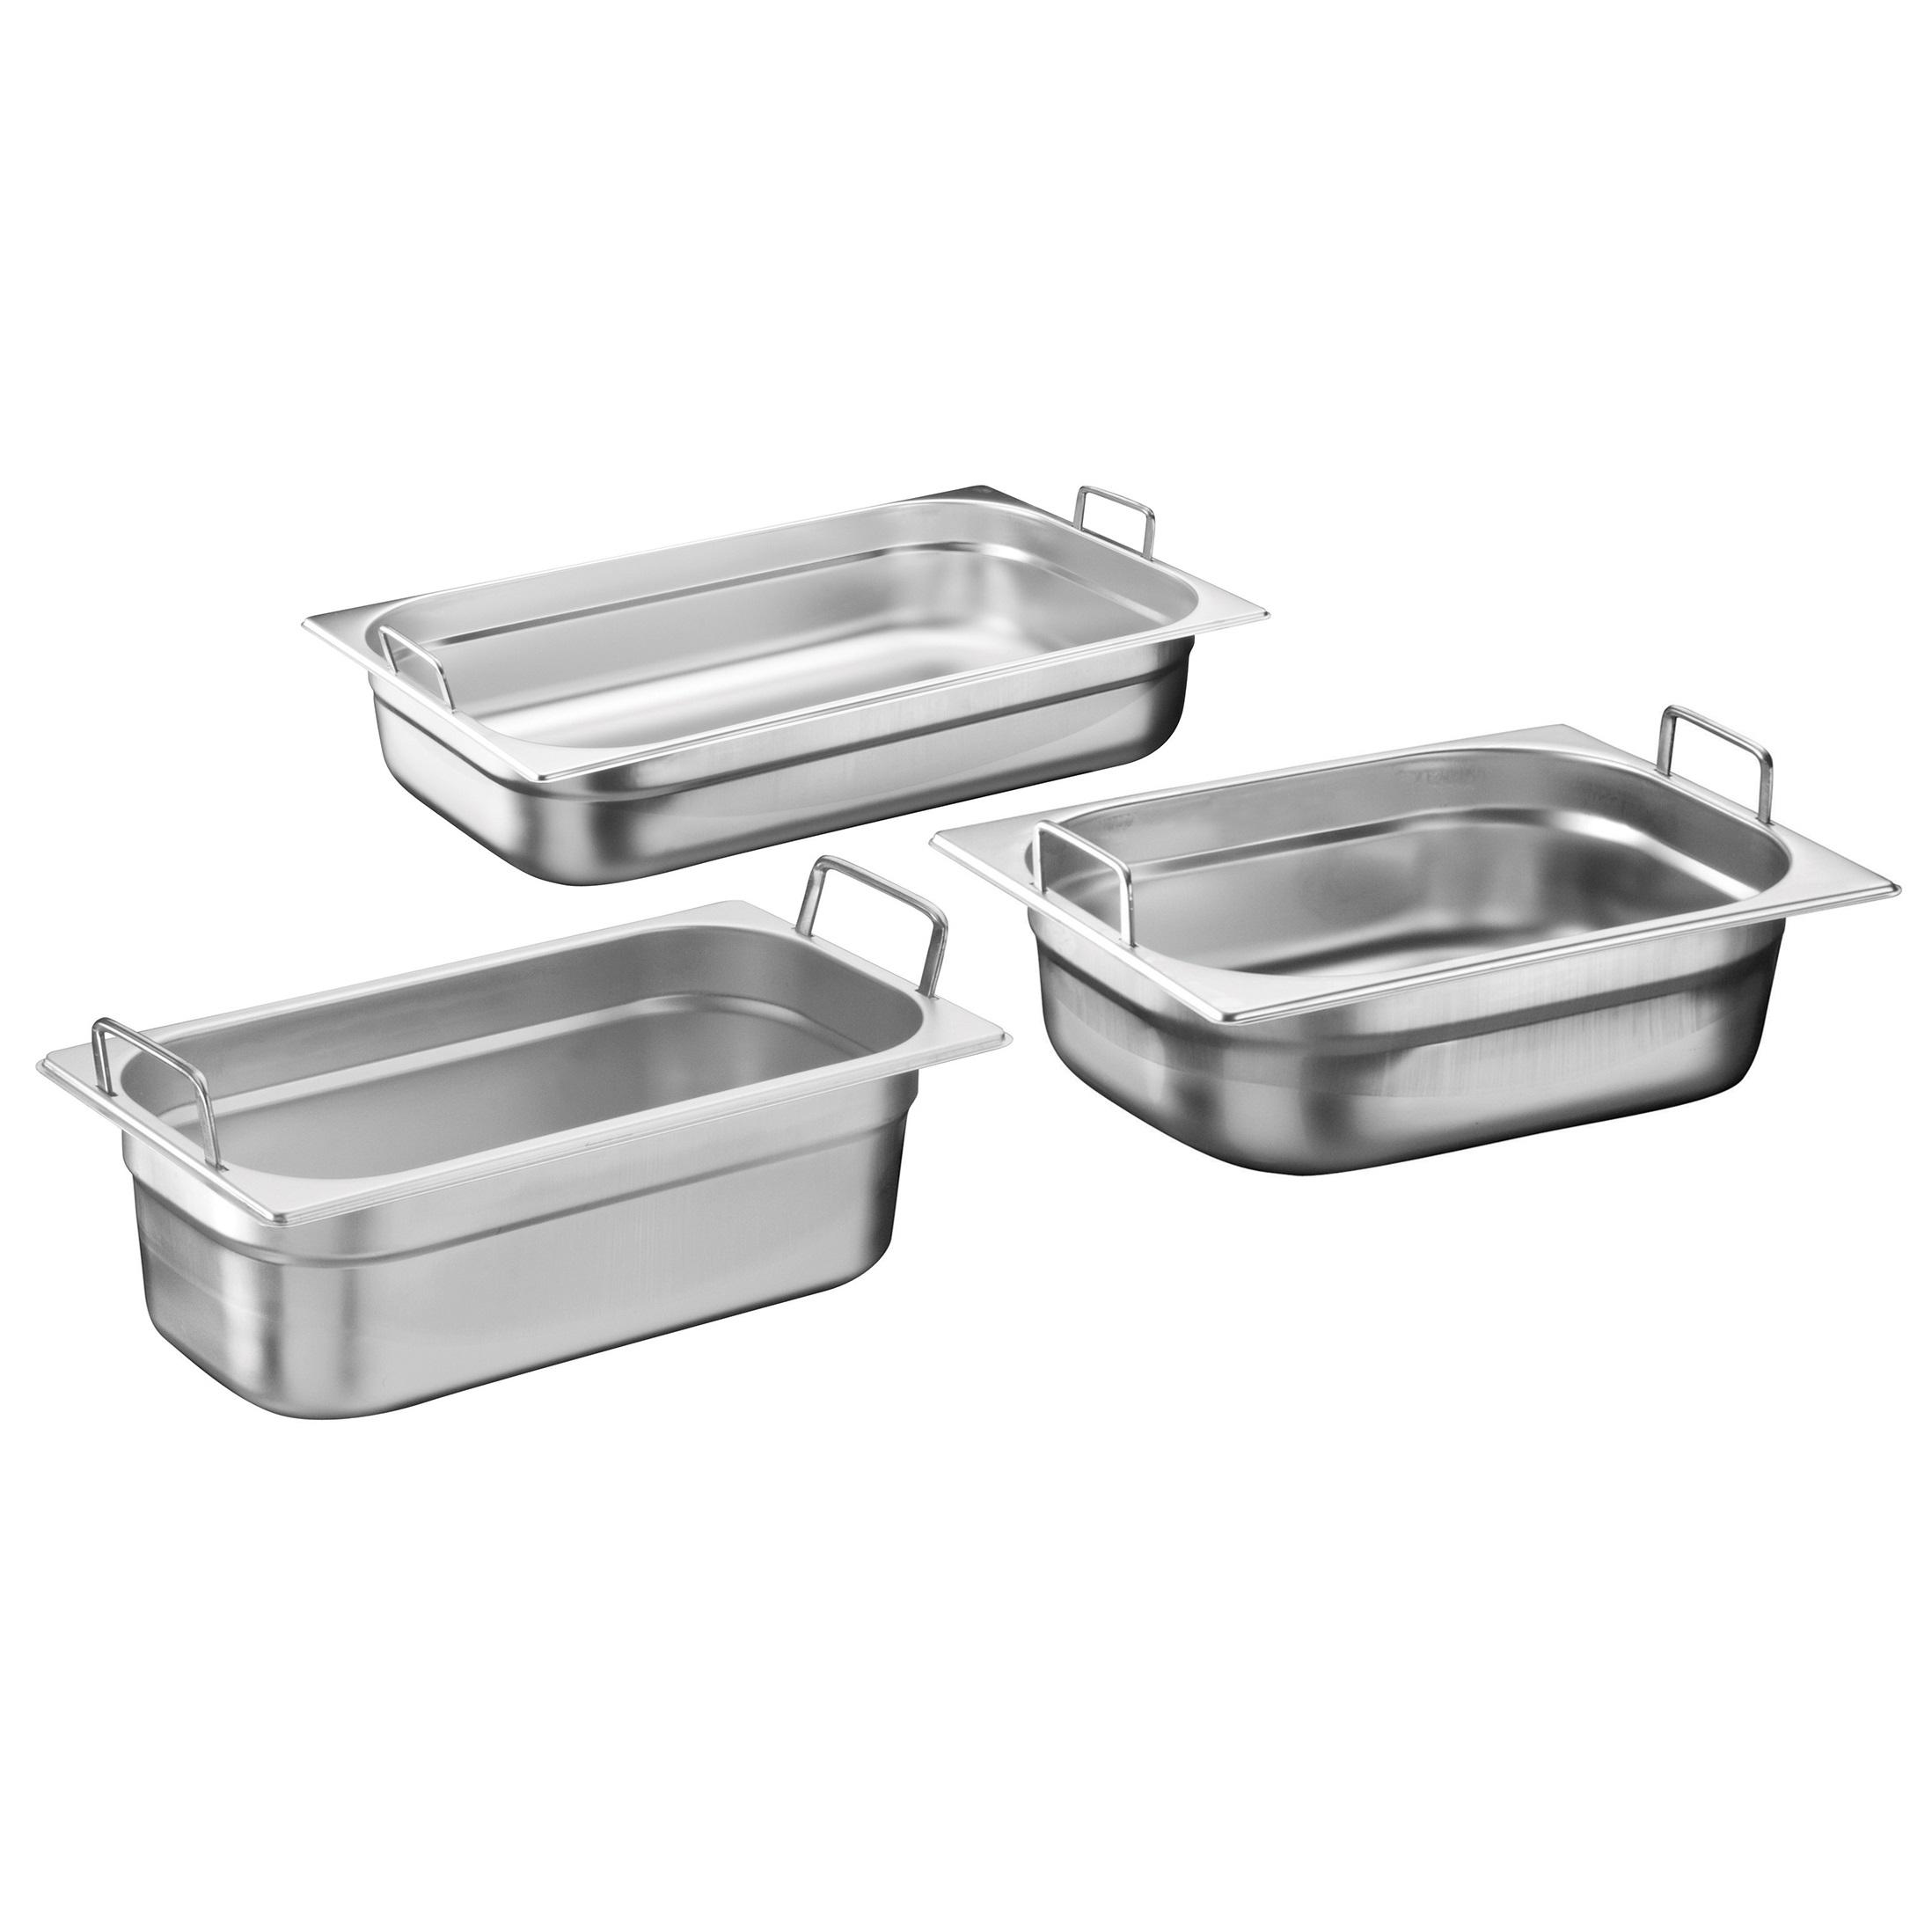 Gastronorm-Behälter aus Edelstahl